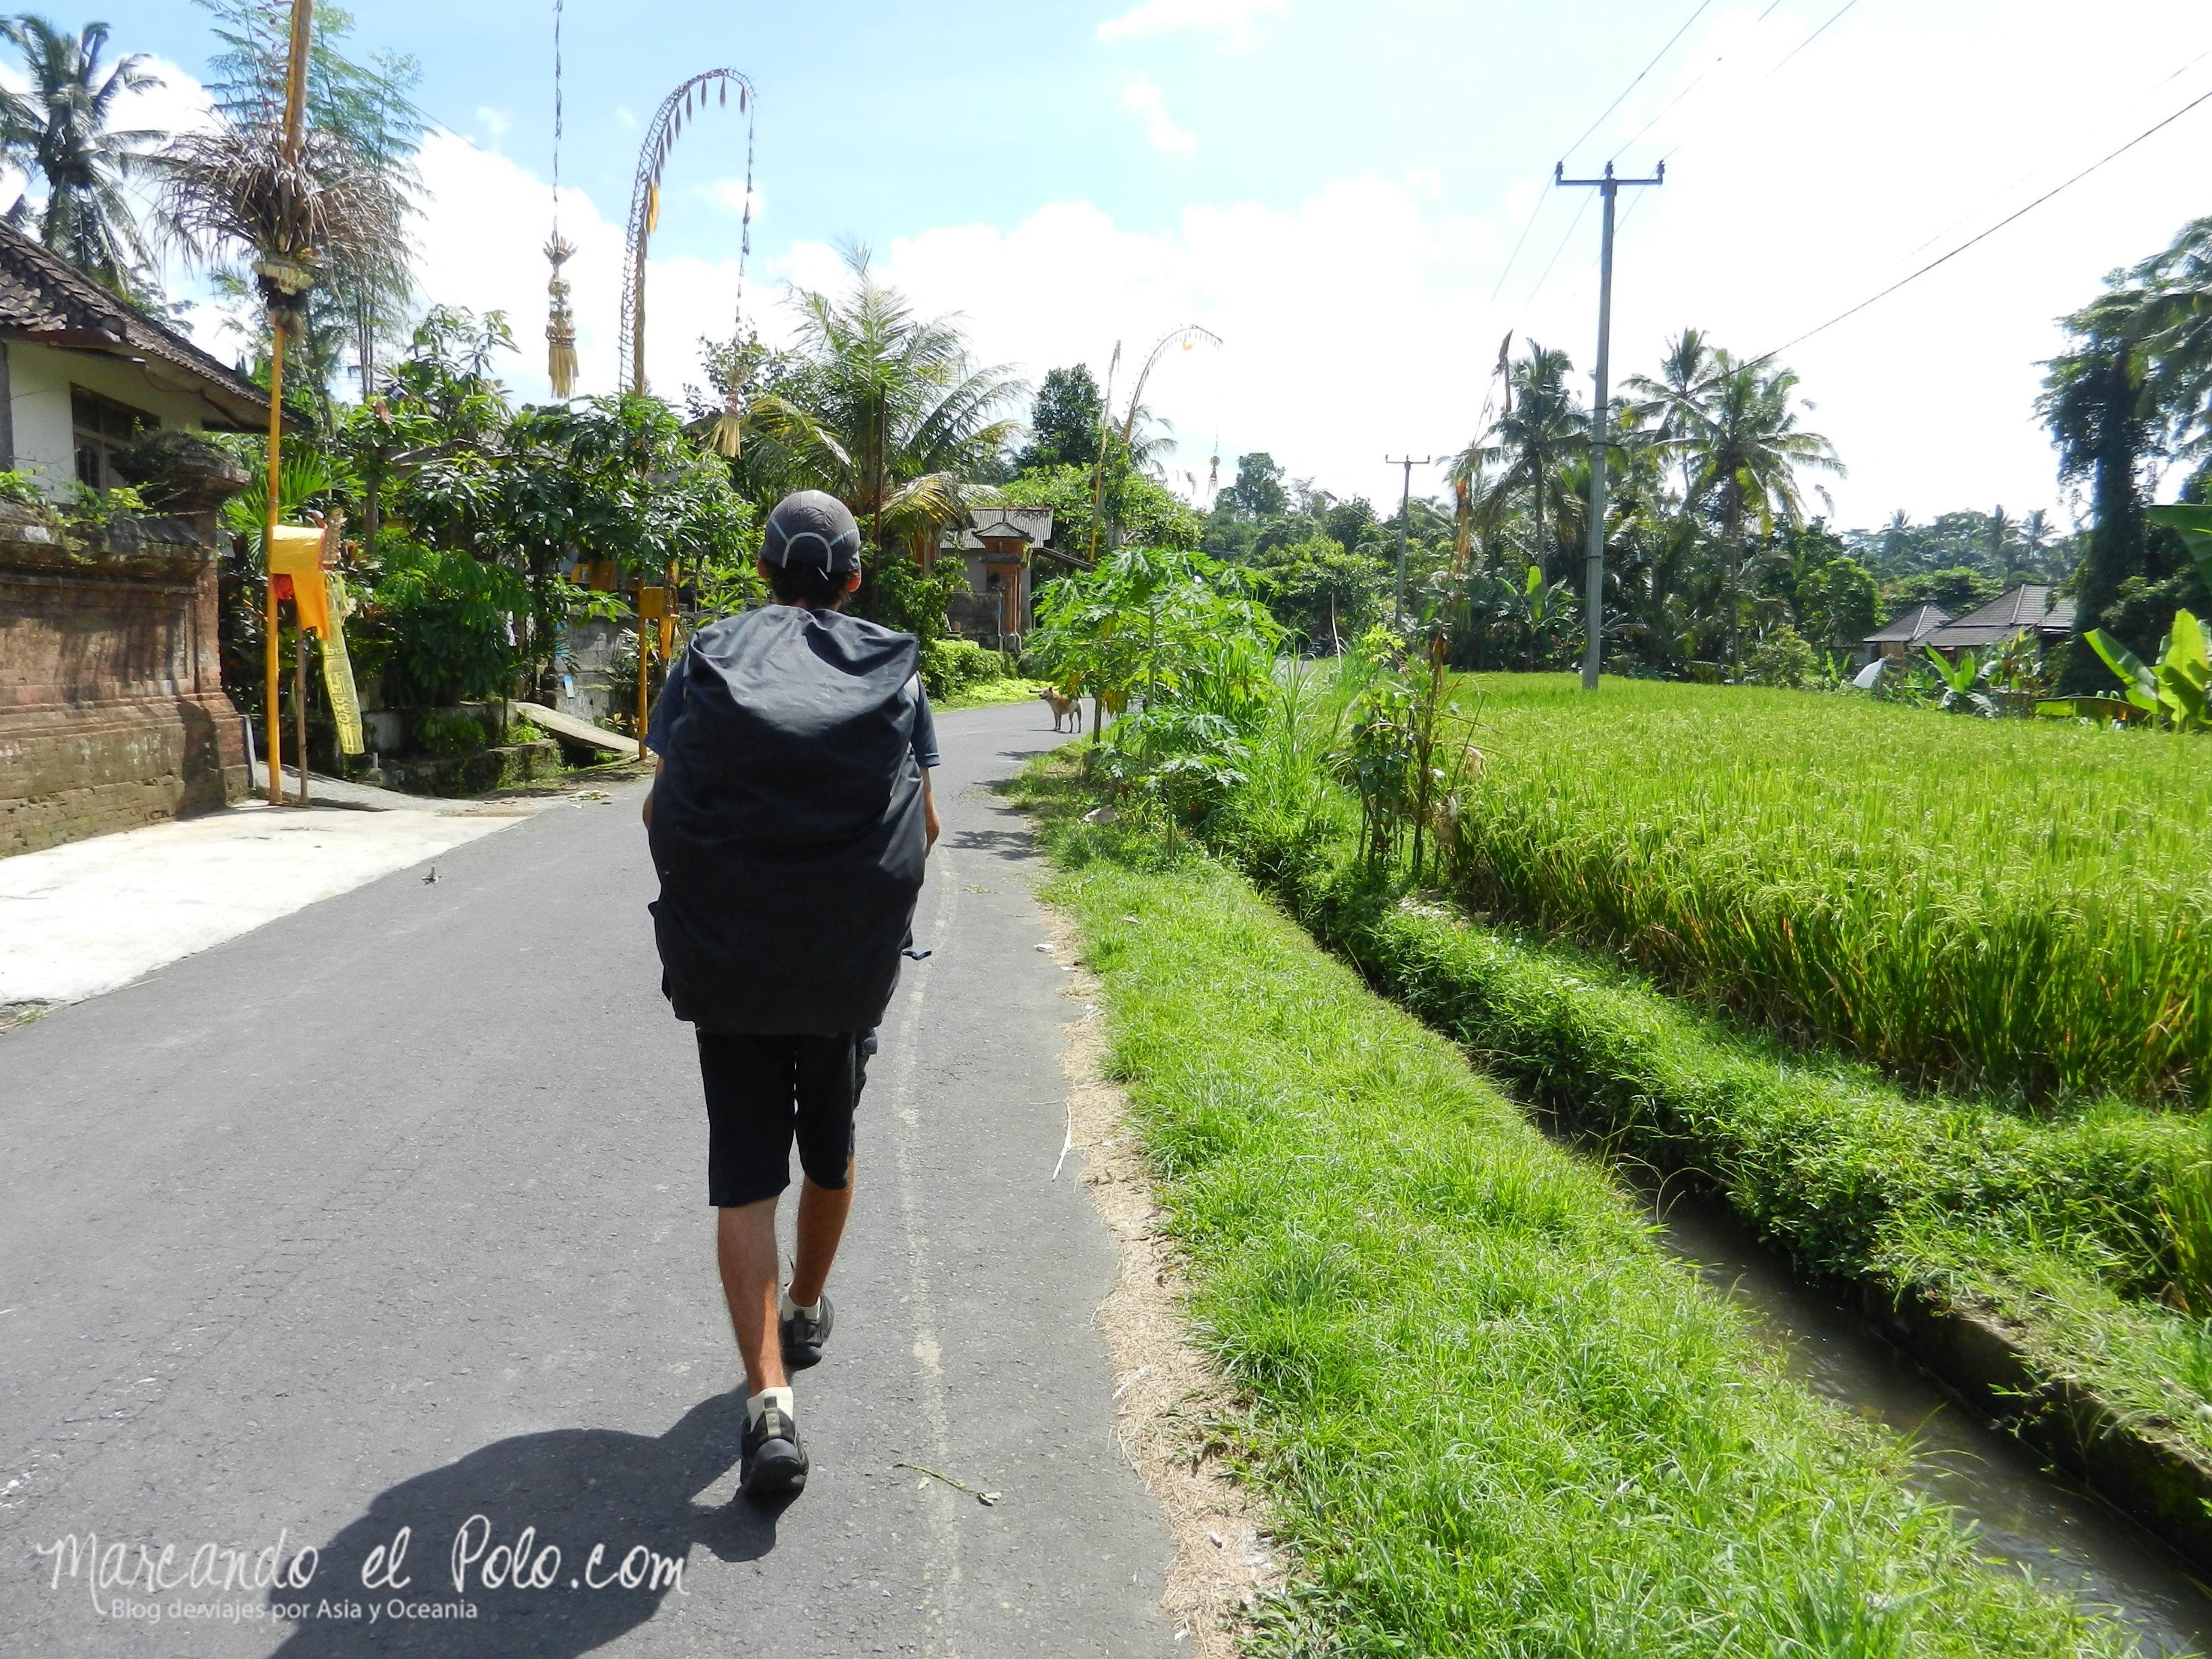 Cómo es viajar a dedo (autostop) por Indonesia | Marcando el Polo